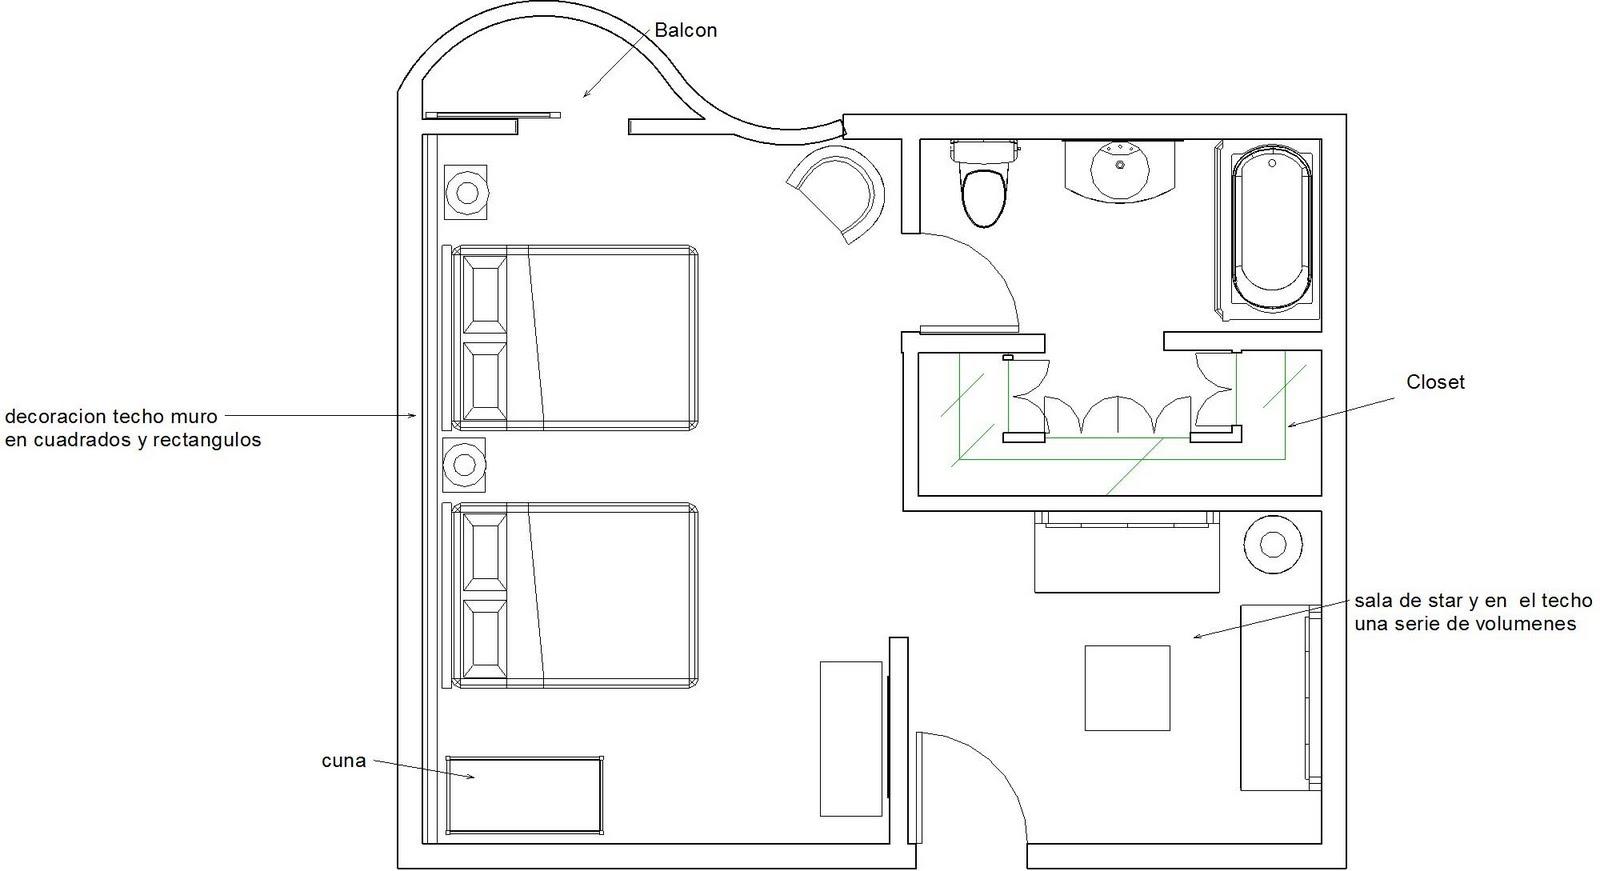 Interiores 3 dise o de interior de una habitacion de - Diseno de una habitacion ...